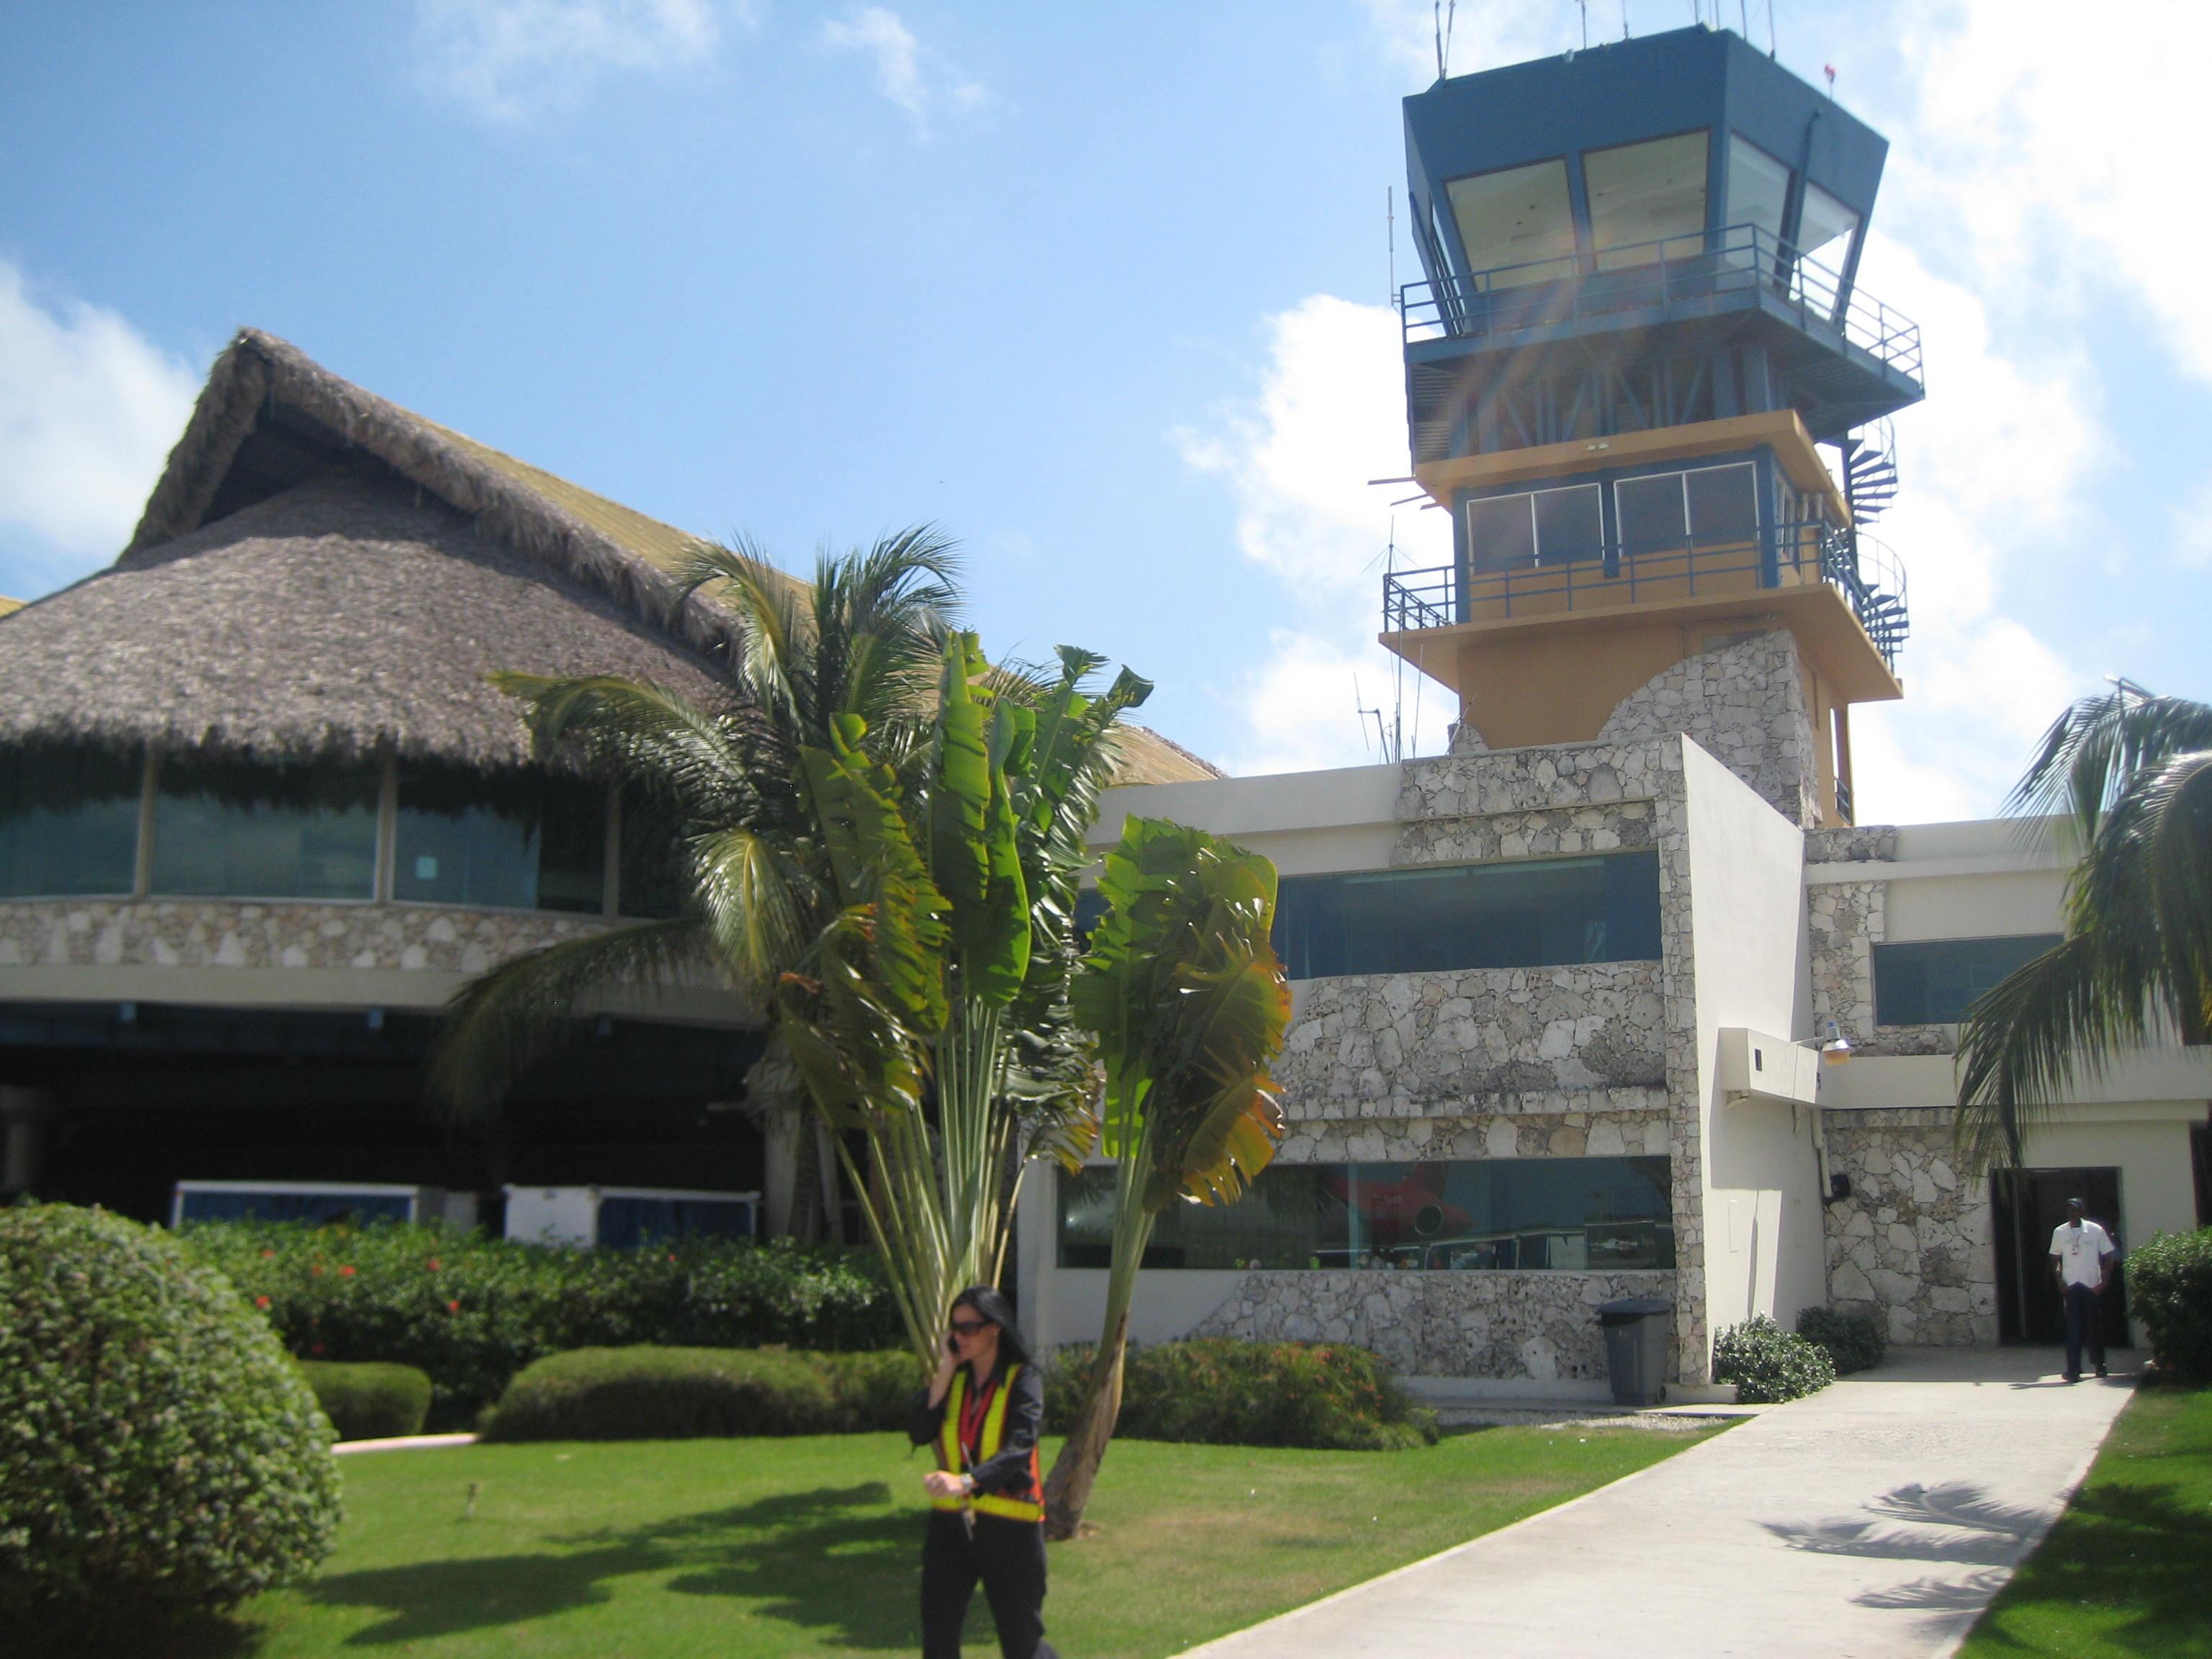 Punta Cana – Travel guide at Wikivoyage